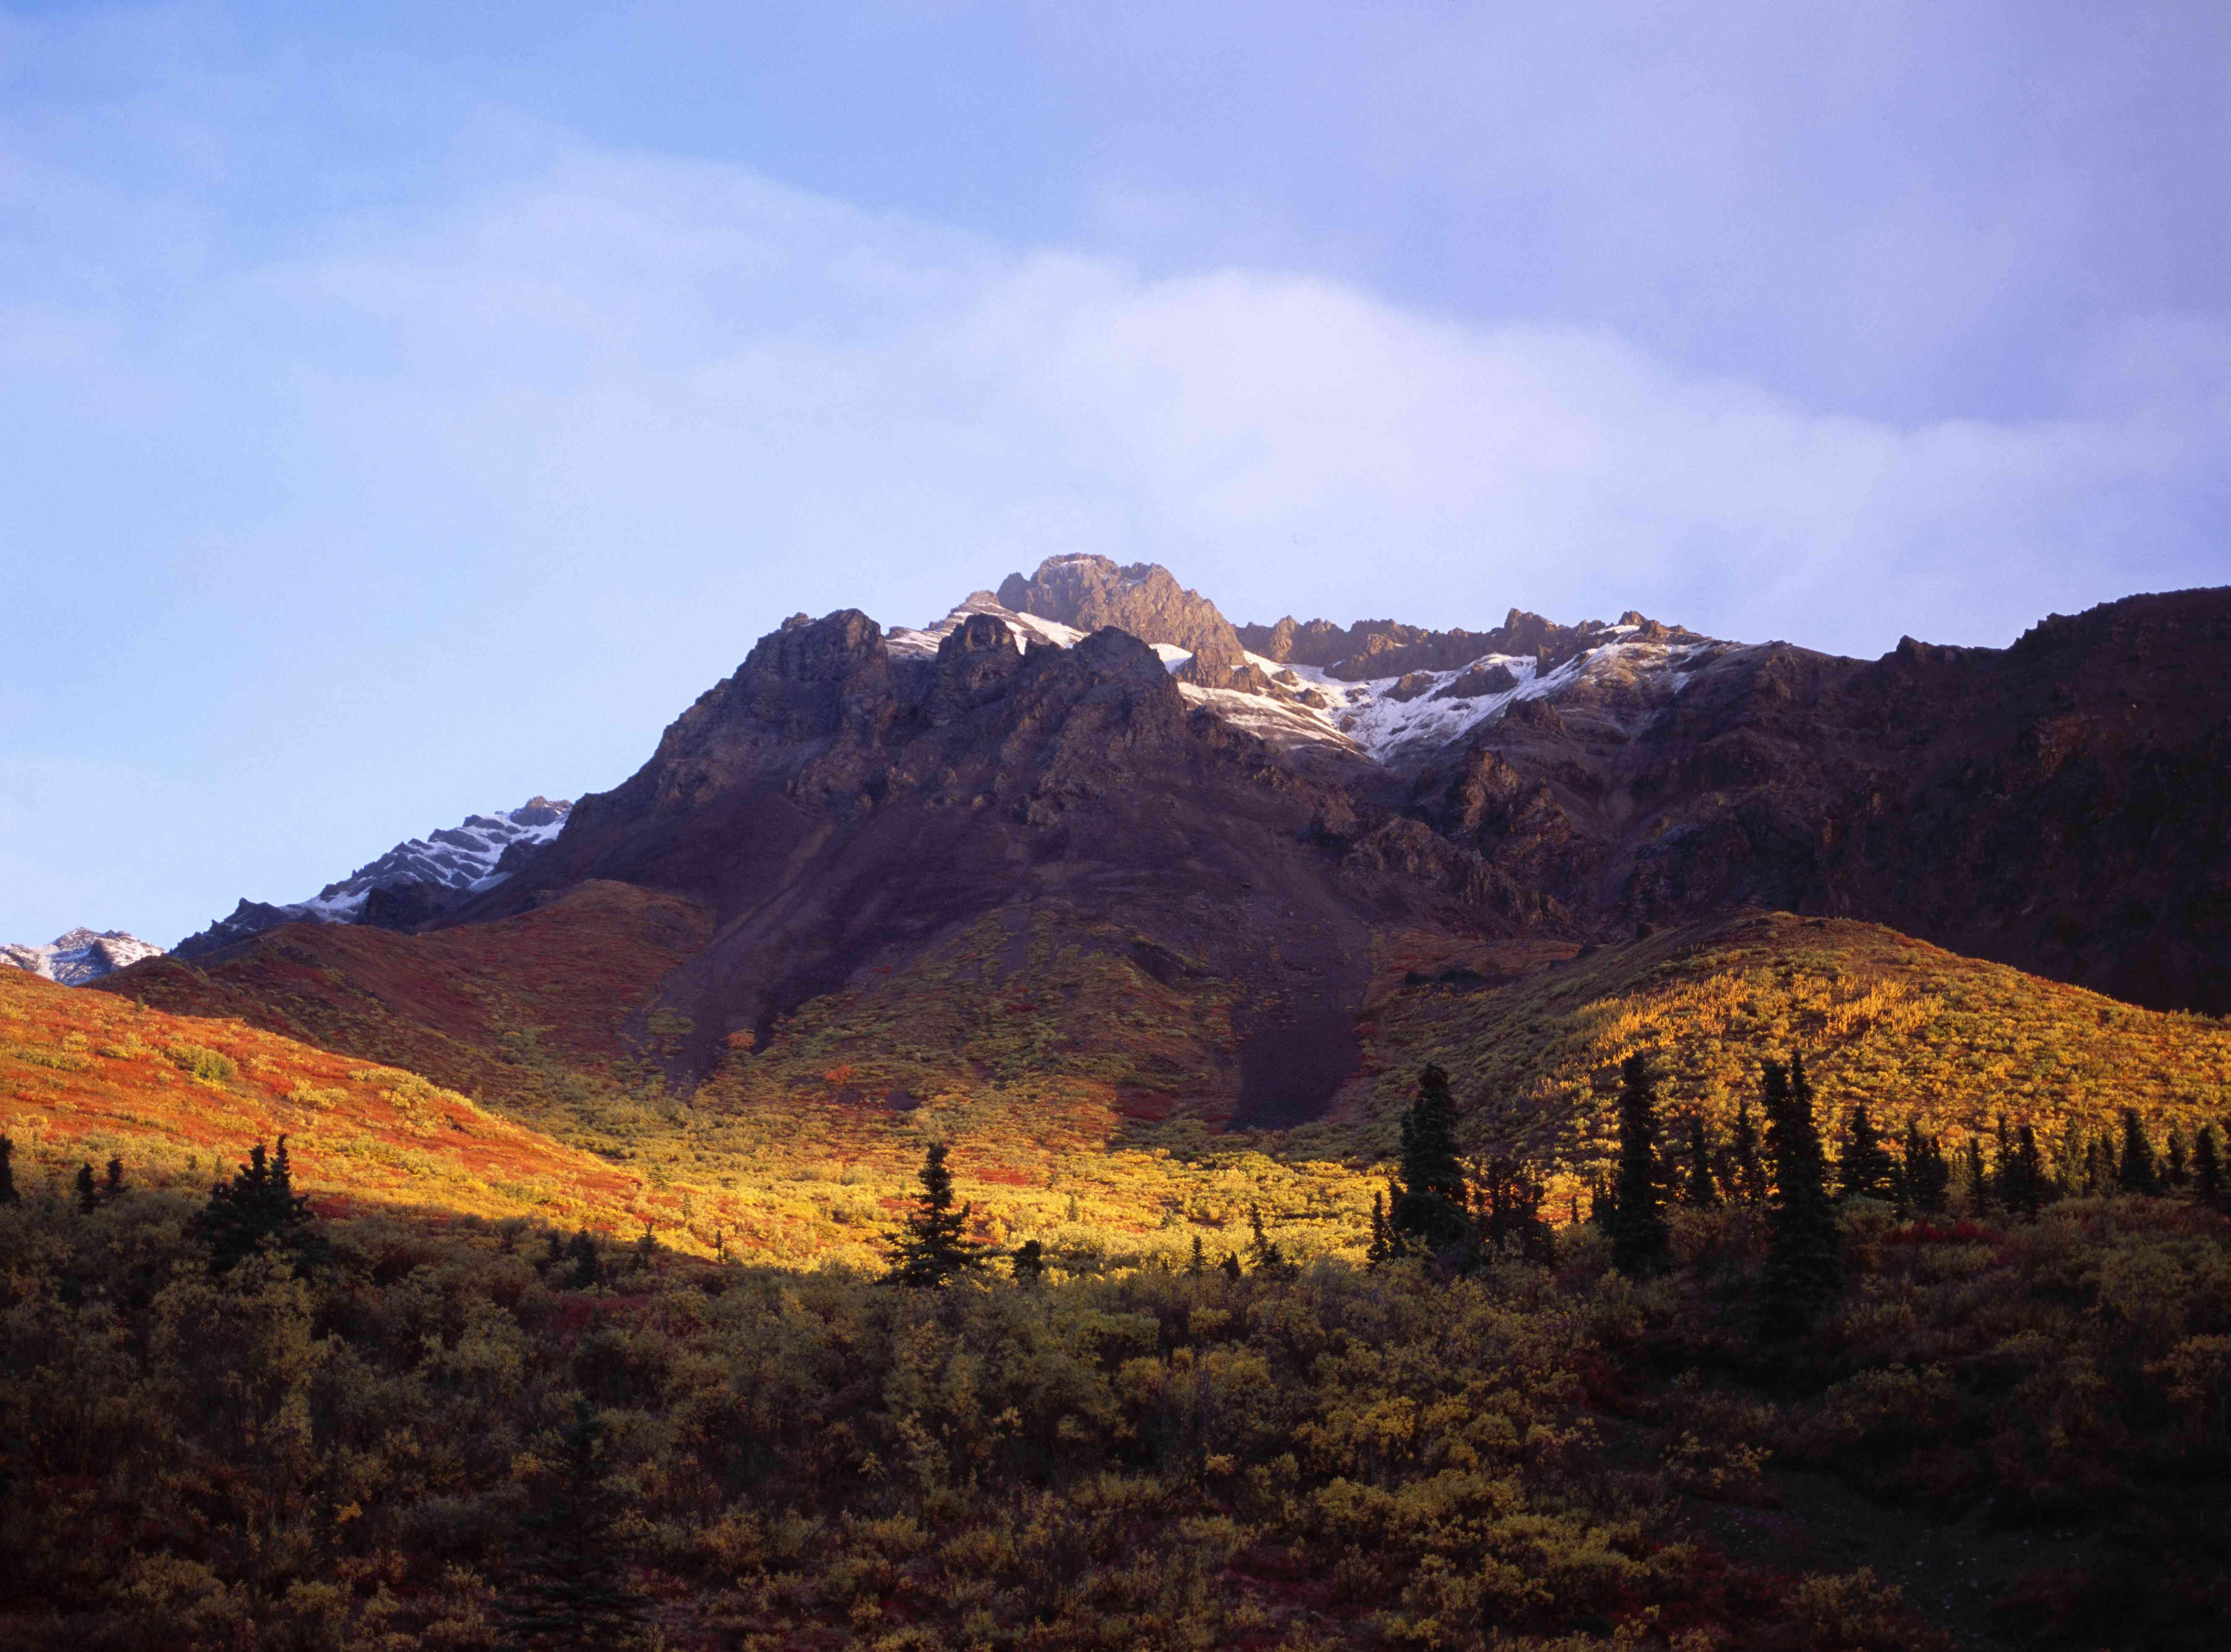 Igloo Mountain in the autumn